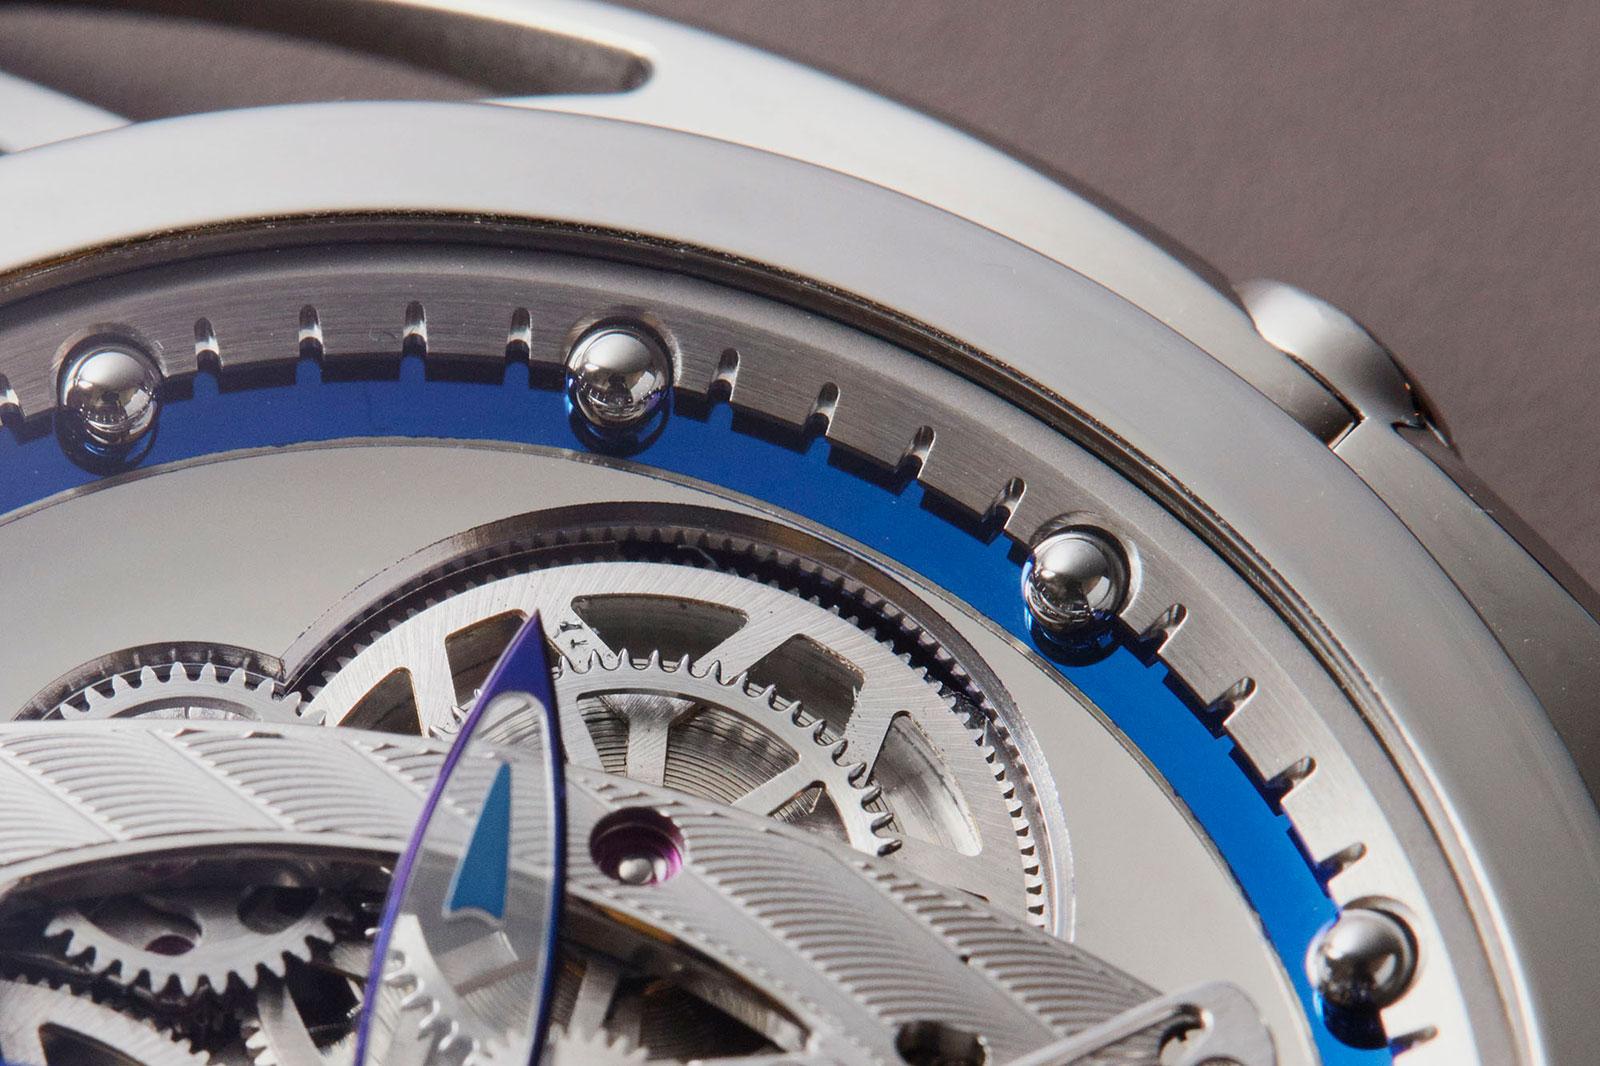 De Bethune DB28 steel wheels watch 5